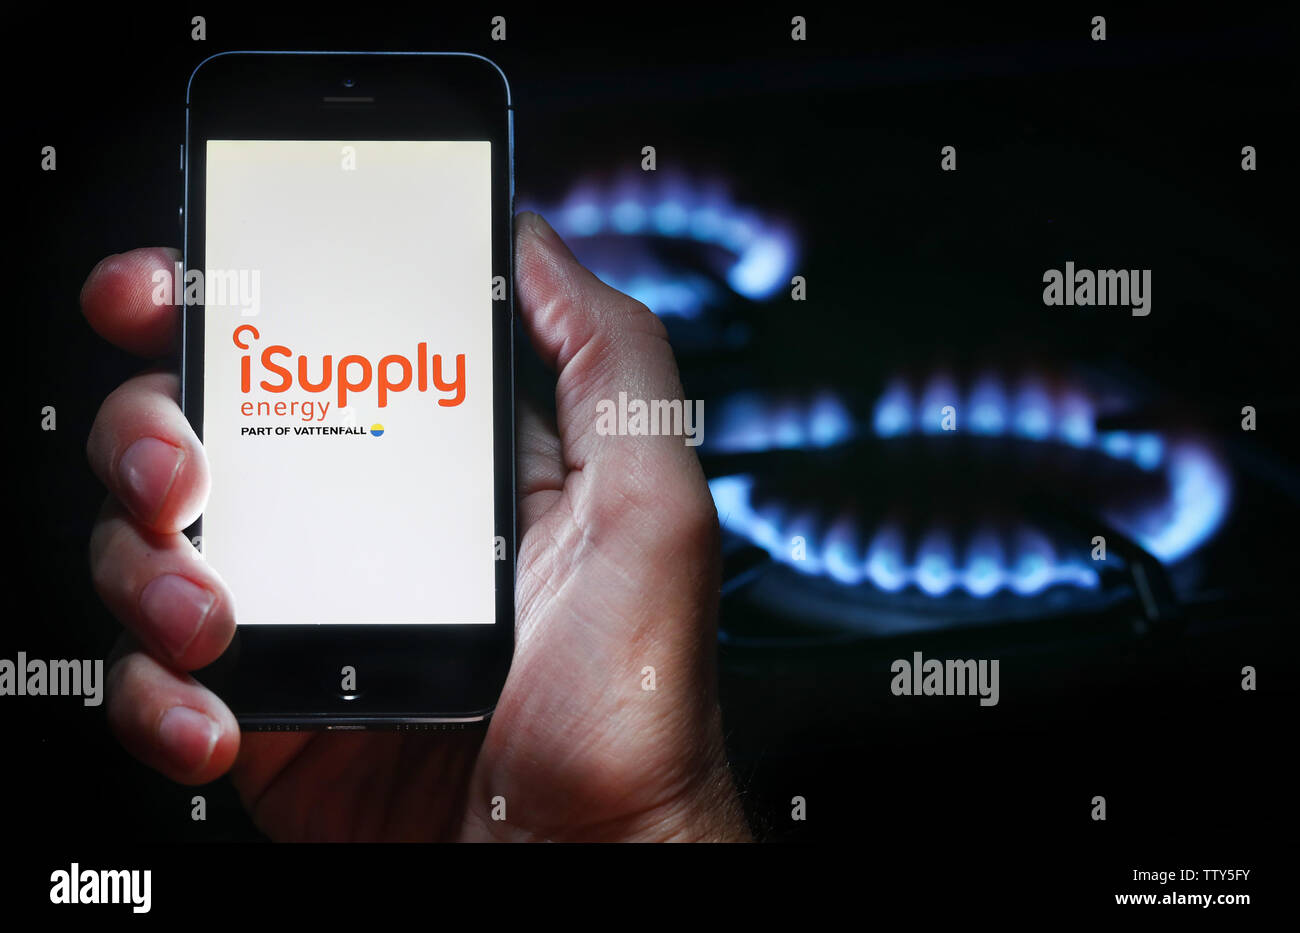 Un hombre mirando el logotipo del sitio web de la compañía de energía iSupplyEnergy sobre su teléfono en frente de su cocina de gas (uso editorial solamente) Imagen De Stock